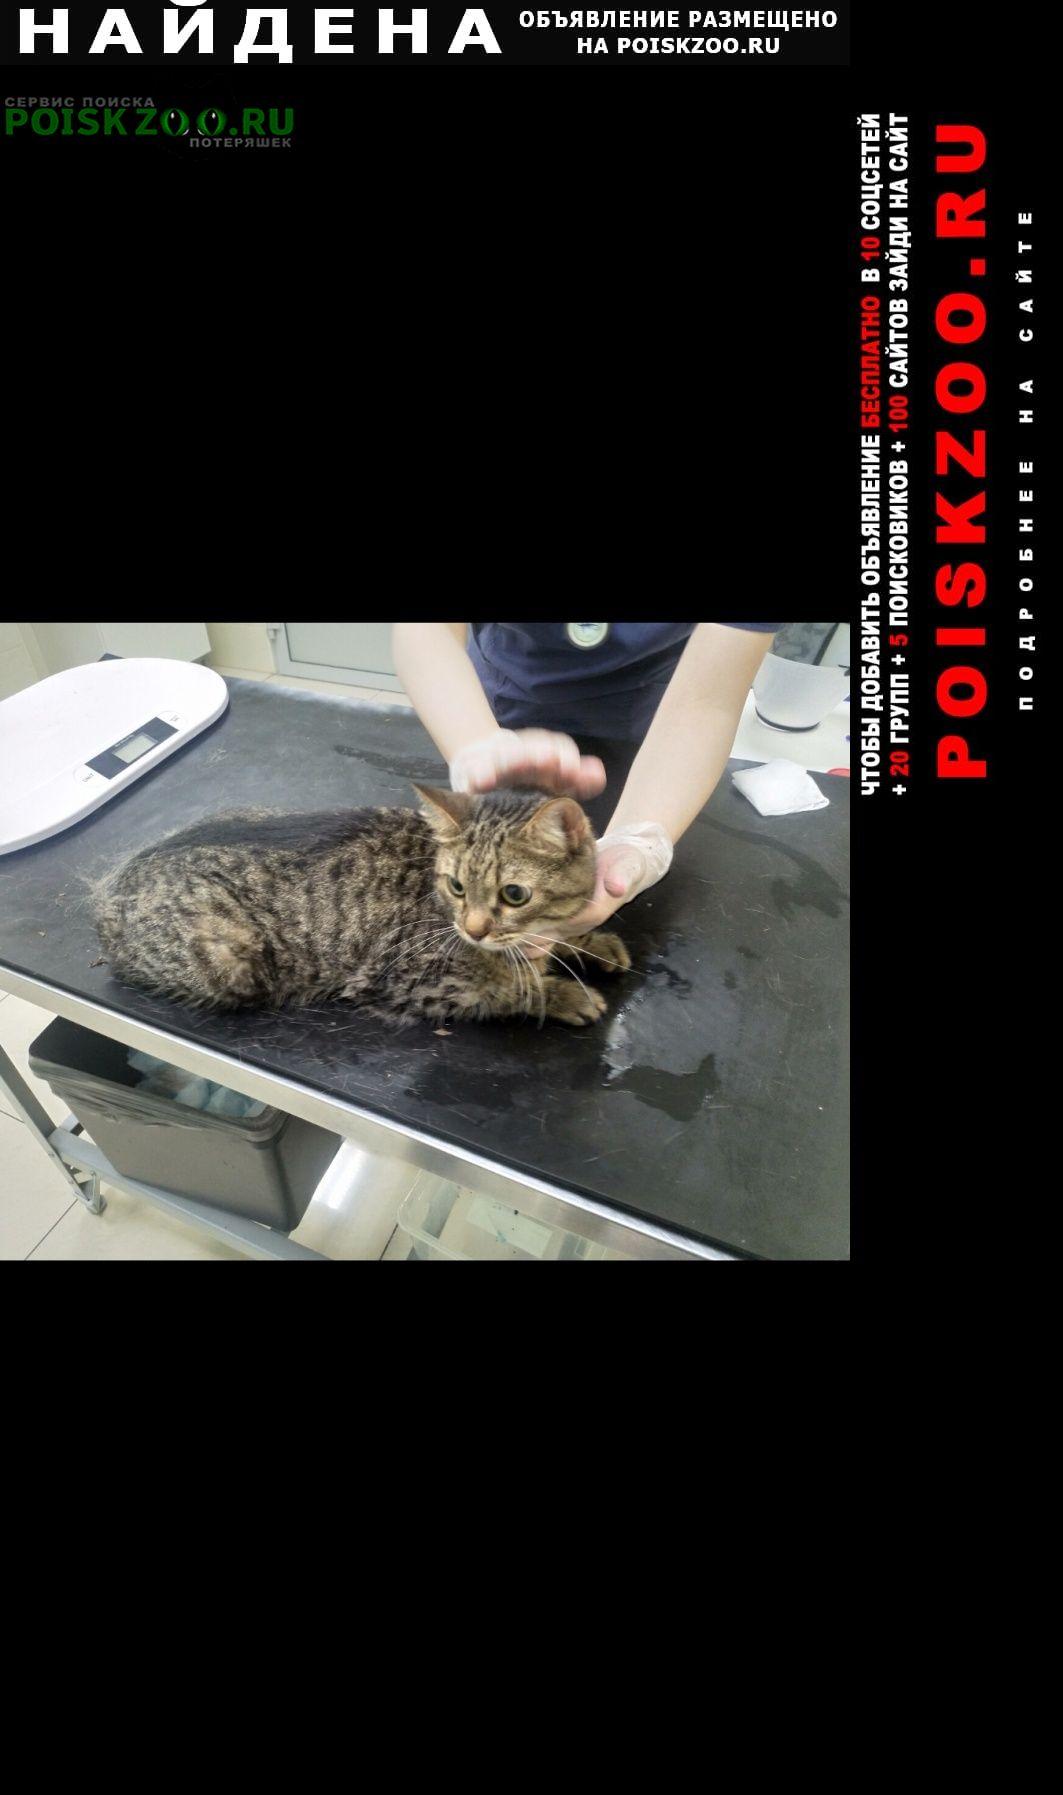 Найден кот в пуршево Балашиха